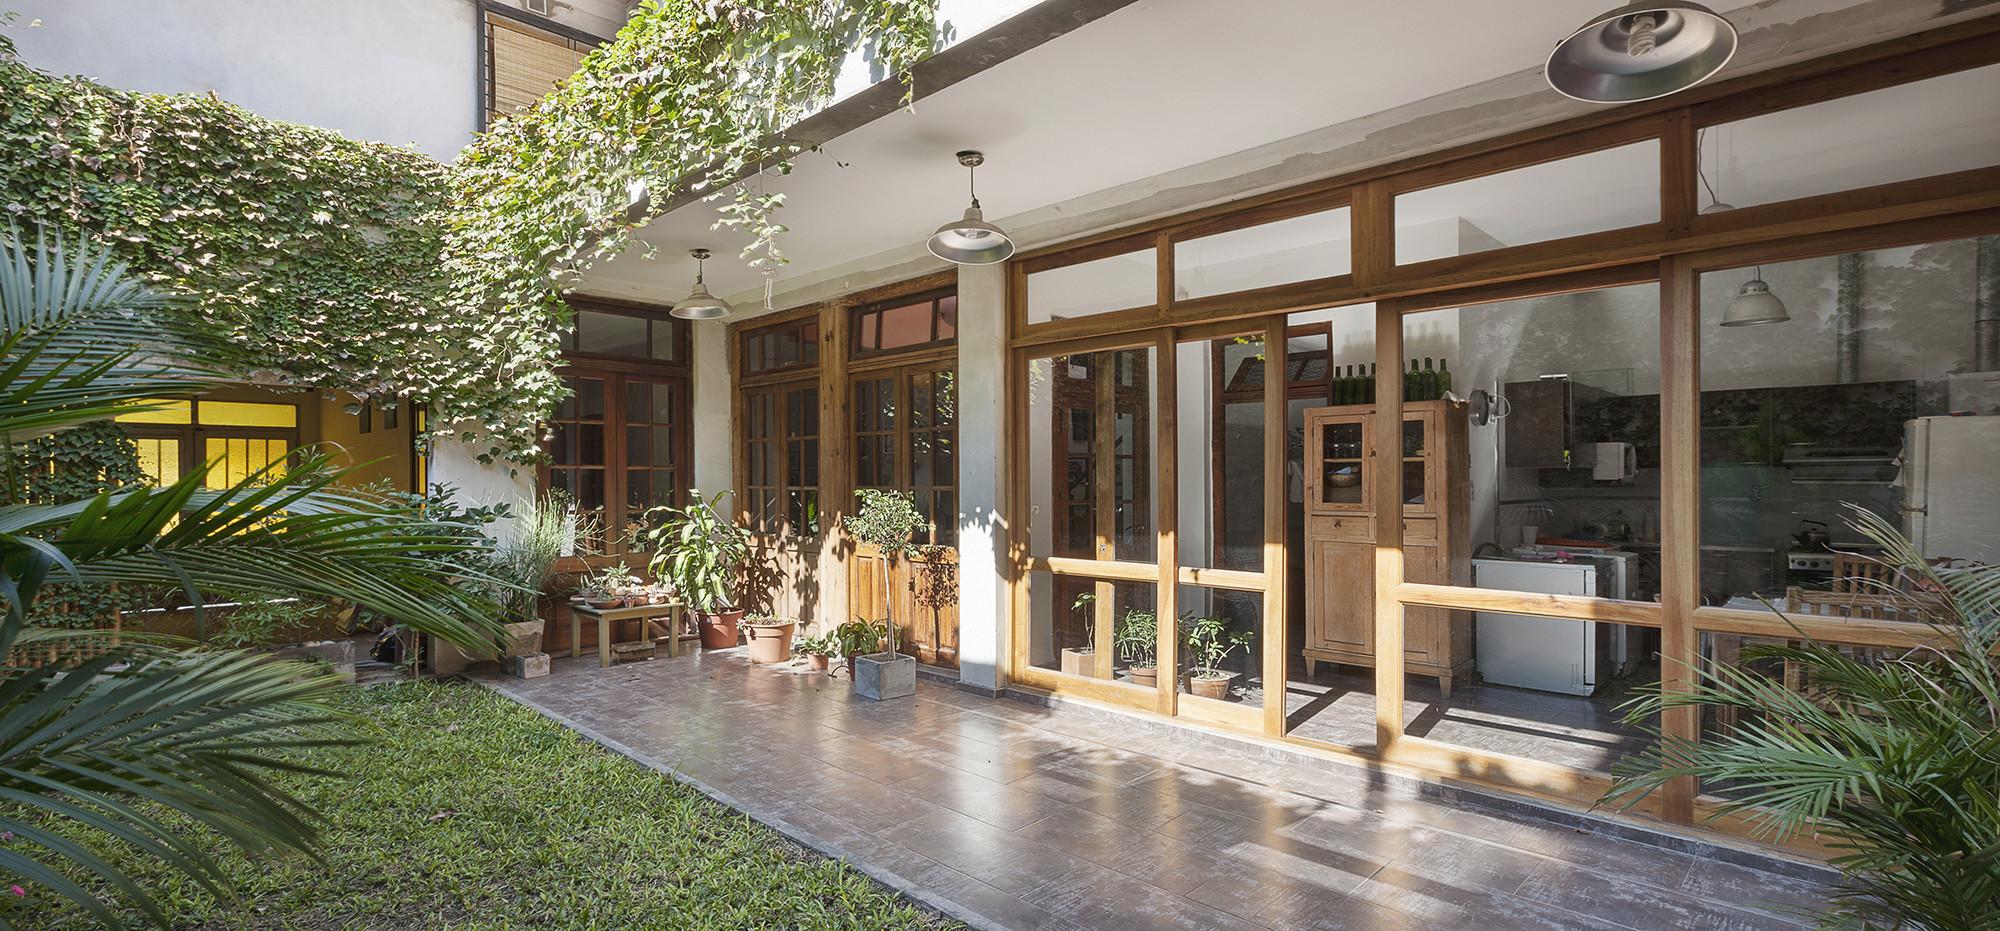 Galeria de casa g emes julio cavallo 2 - Jardines interiores en casas modernas ...